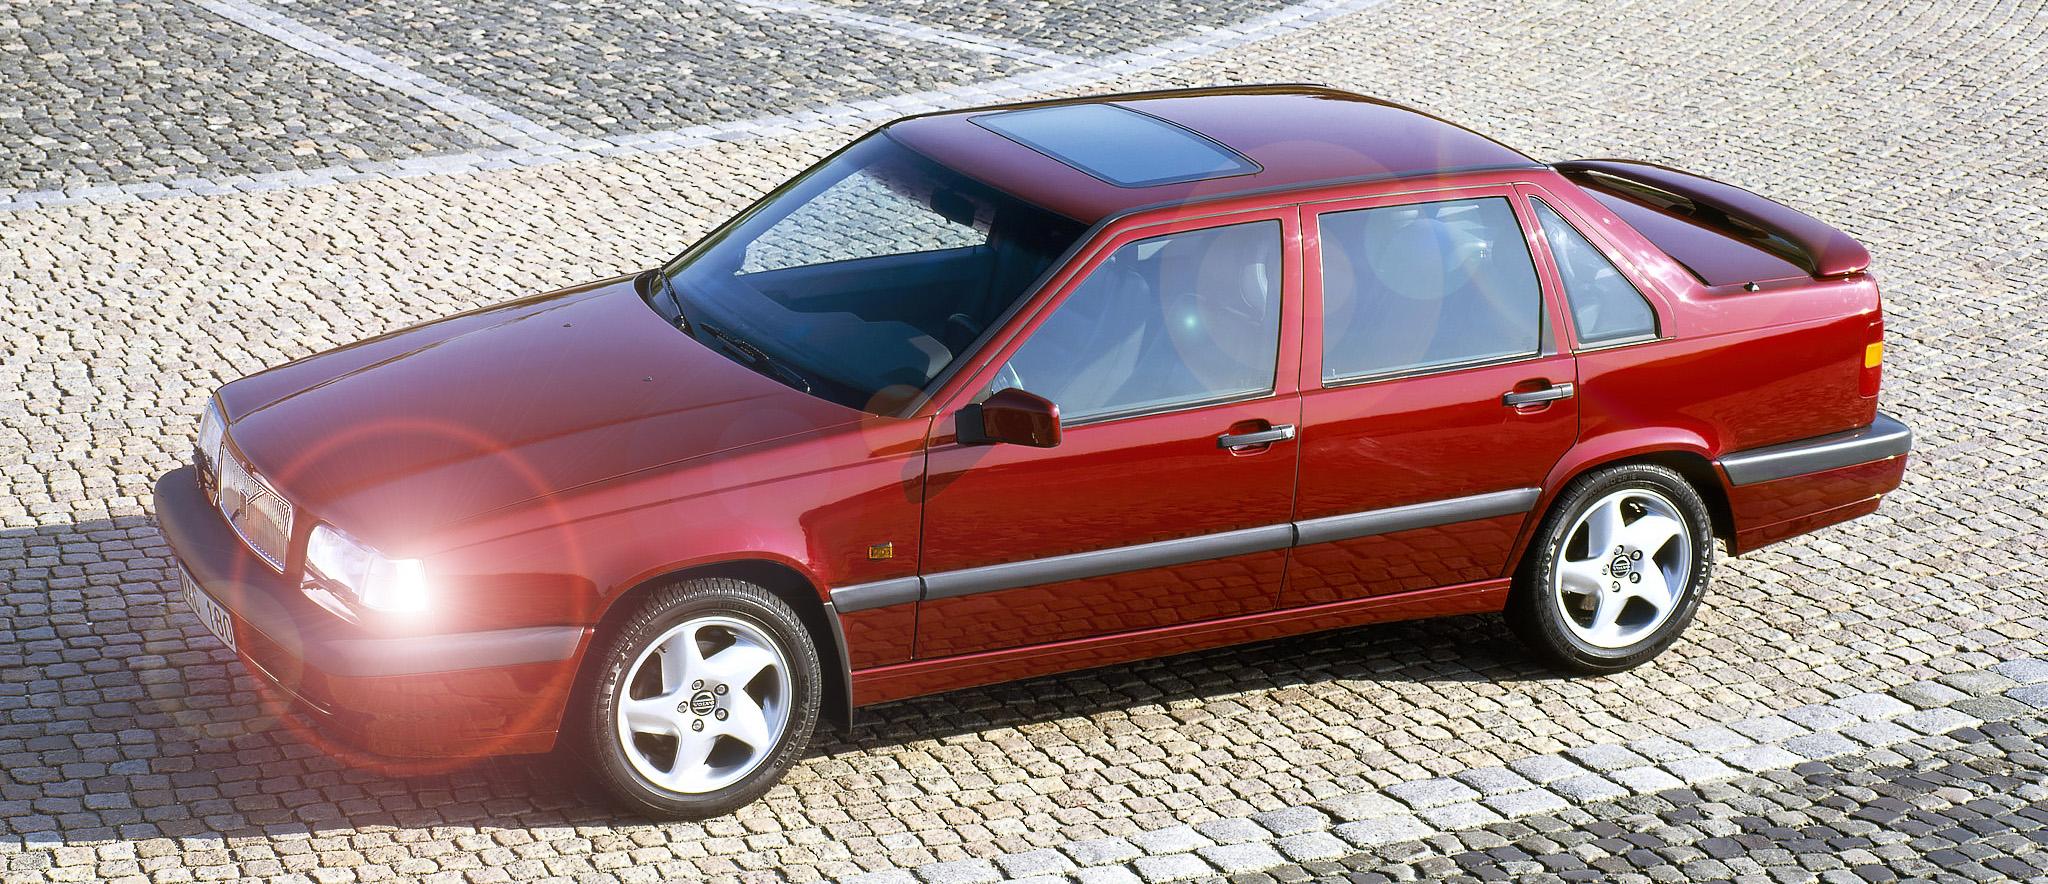 Volvo 850 T5 Turbo - test drive